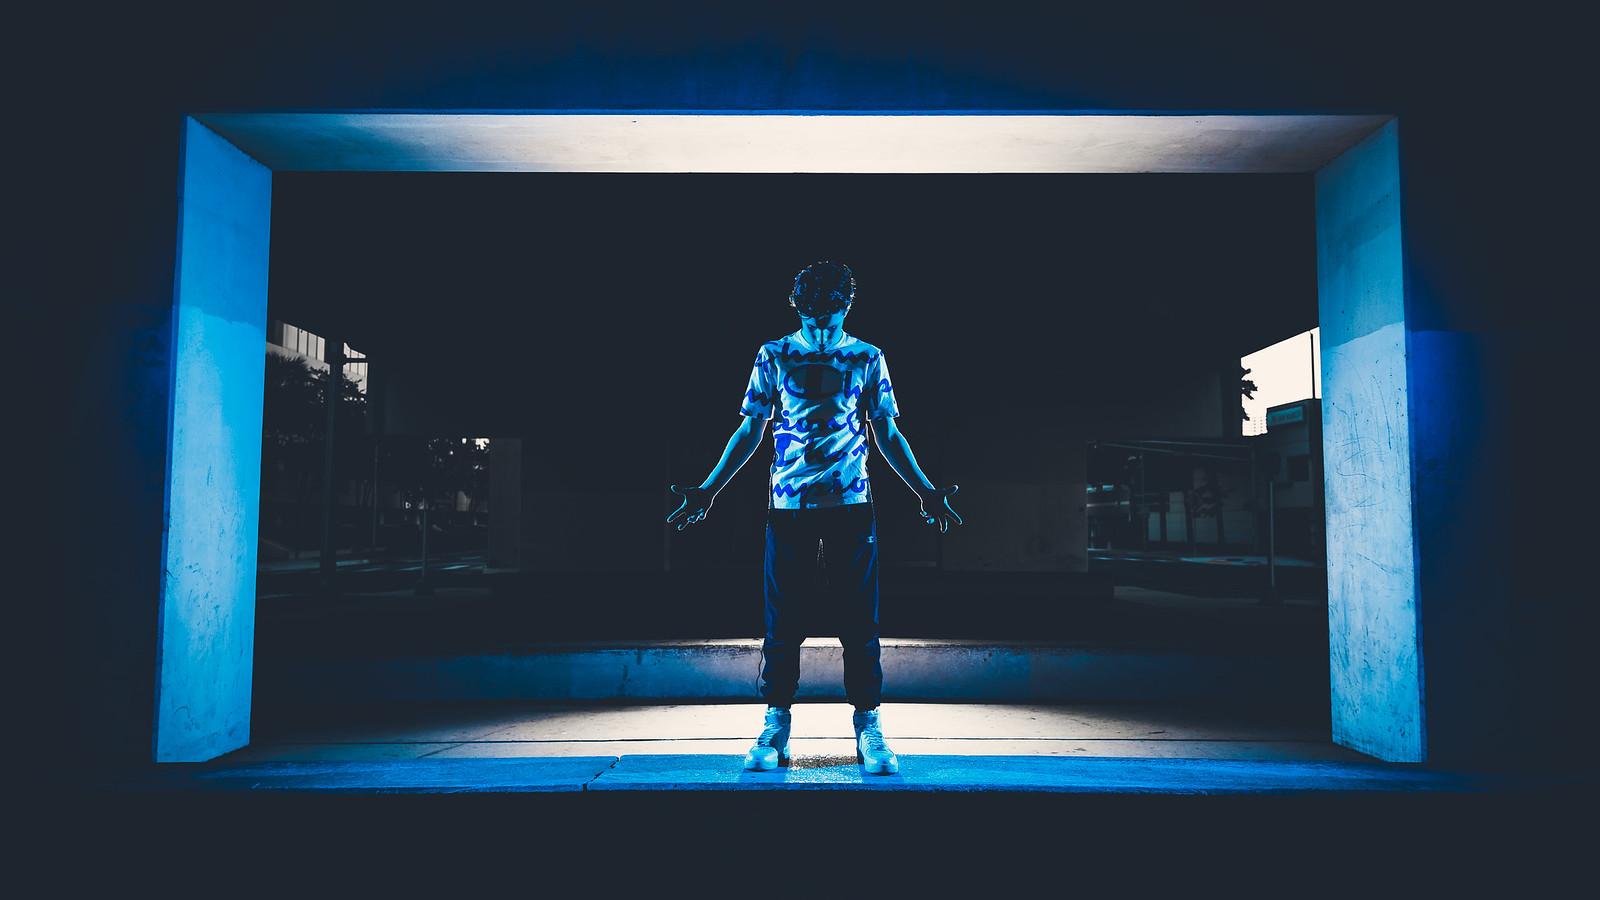 adam-szarmack-jacksonville-dance-photography-1.jpg